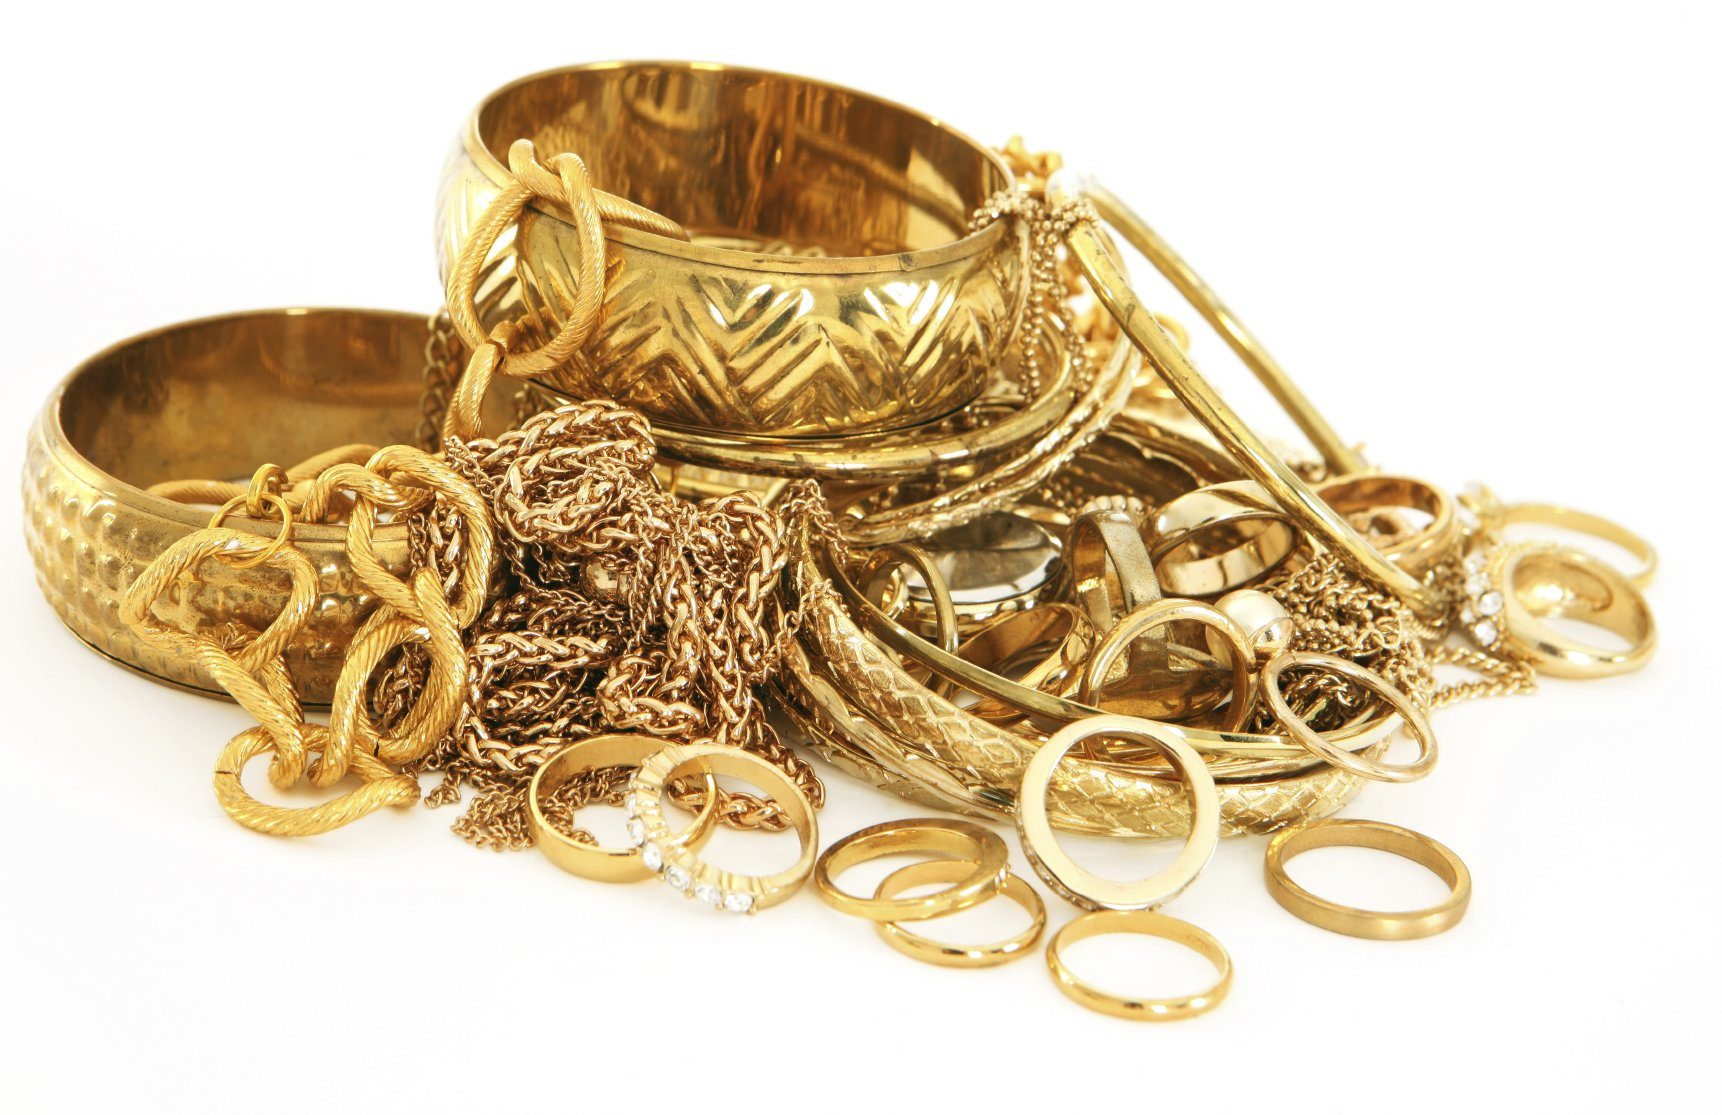 d36d8829c3f4 Скупка золота в СПб - сдать золото по выгодной цене за грамм на сегодня